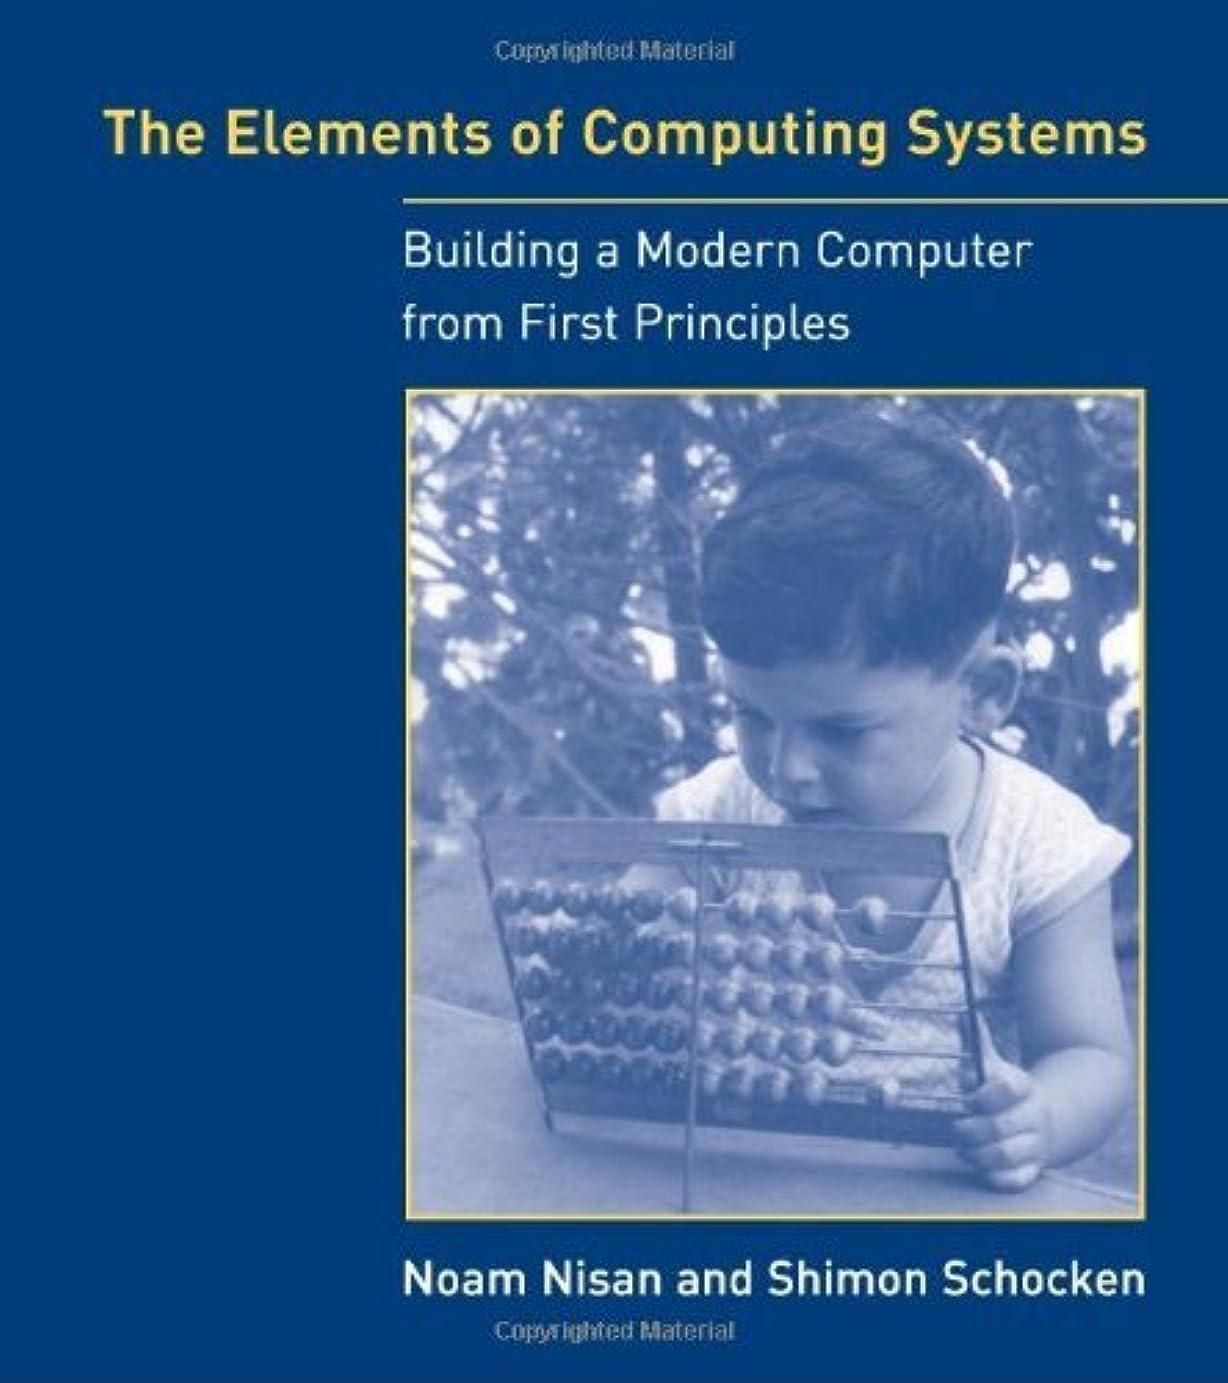 控える架空の戦術The Elements of Computing Systems: Building a Modern Computer from First Principles (The MIT Press) (English Edition)